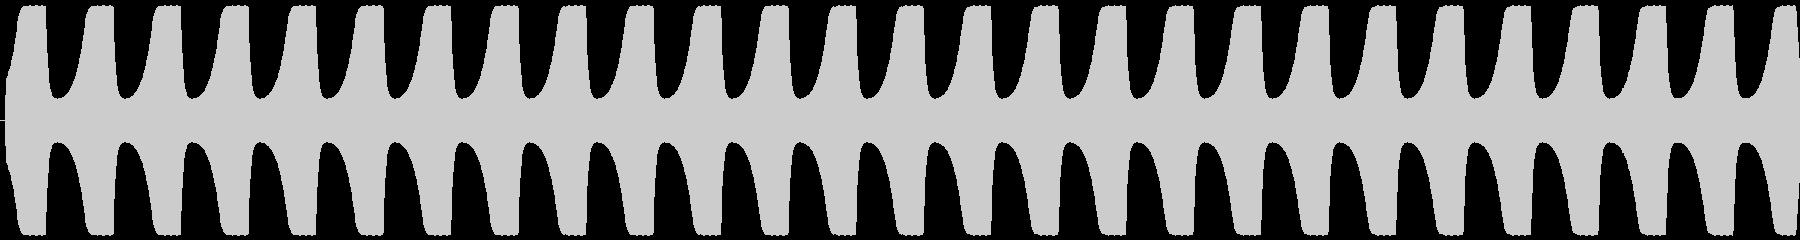 ゲームテキスト効果音A-9(高め 長い)の未再生の波形